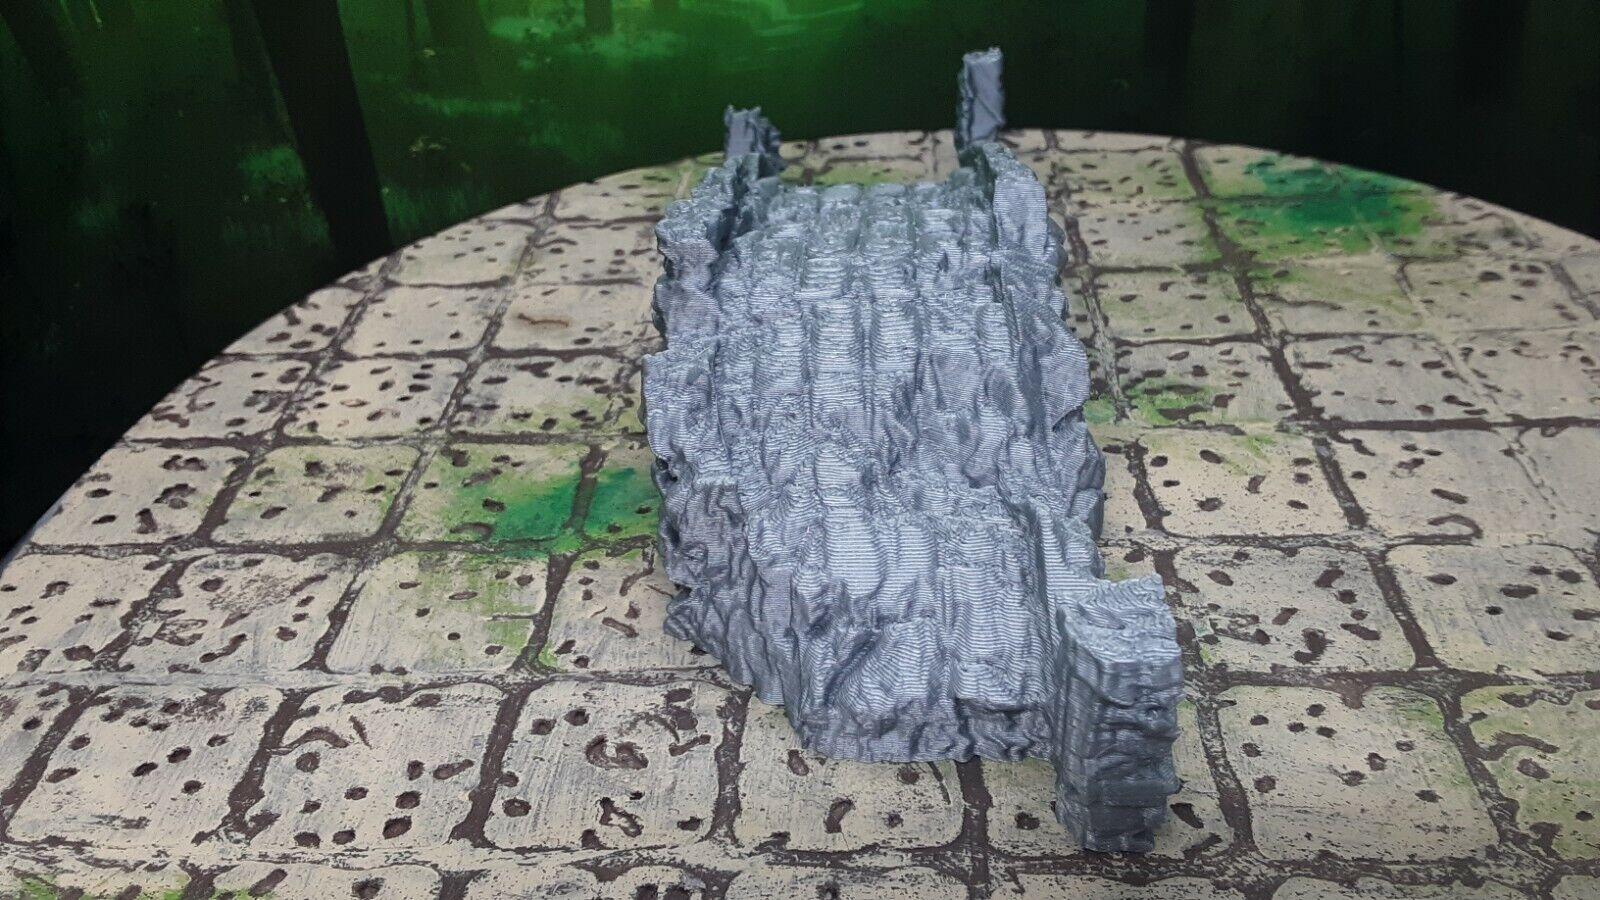 Eldritch Portal Gateway Scatter Terrain Scenery Model Dungeons /& Dragons D/&D